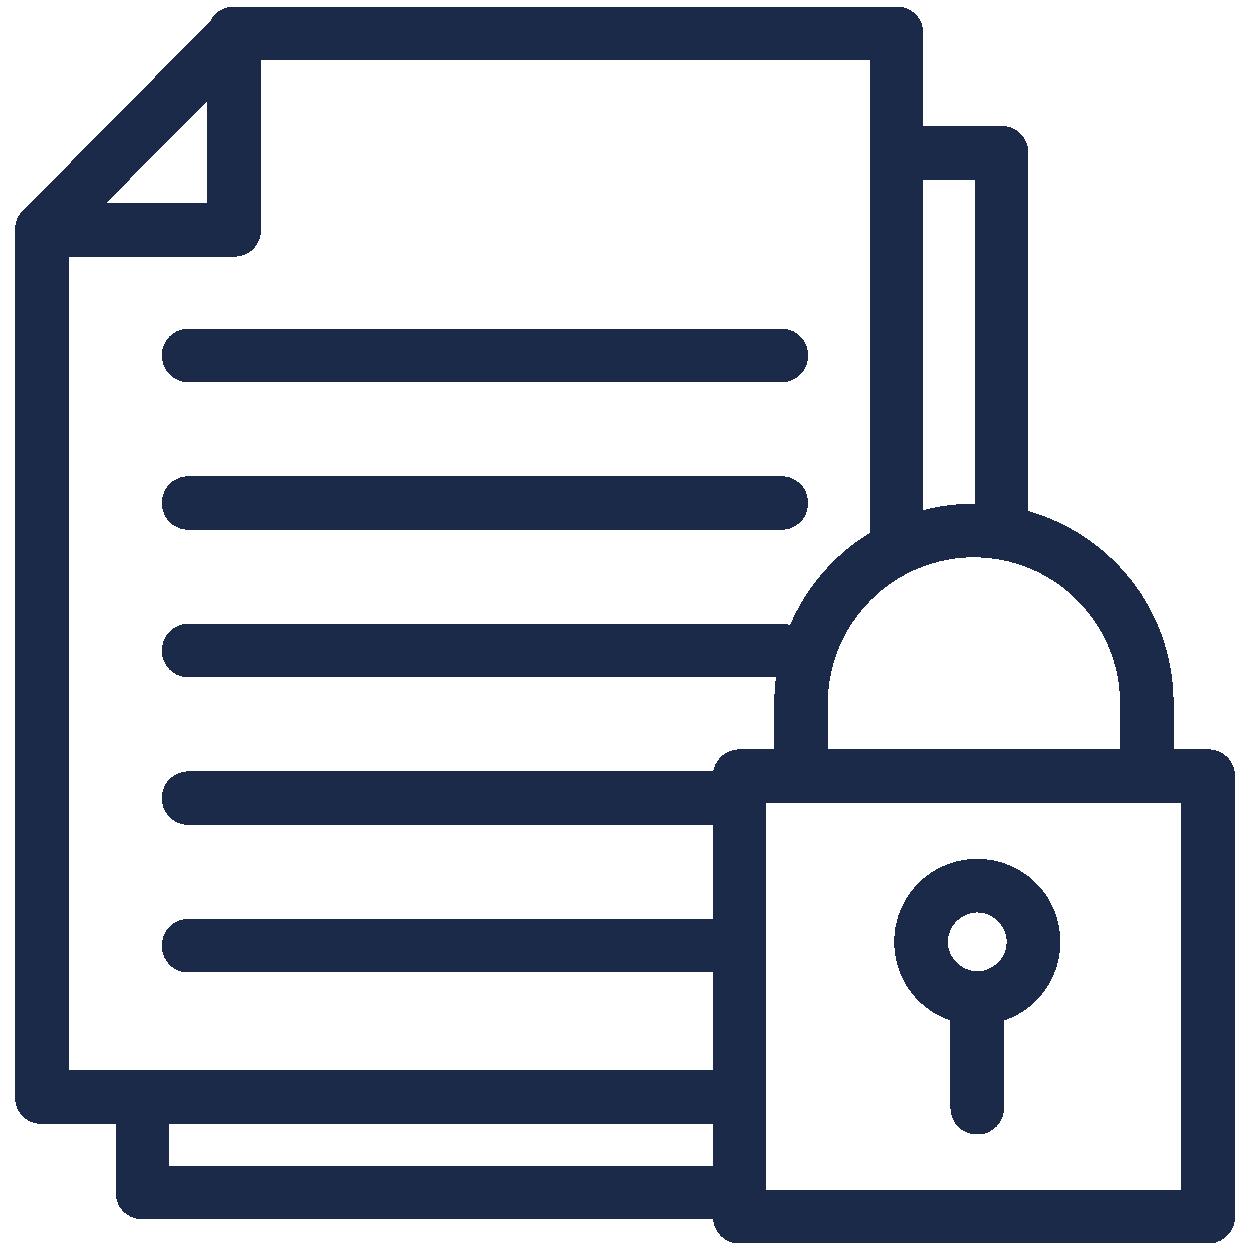 Krypterade uppgifter icon